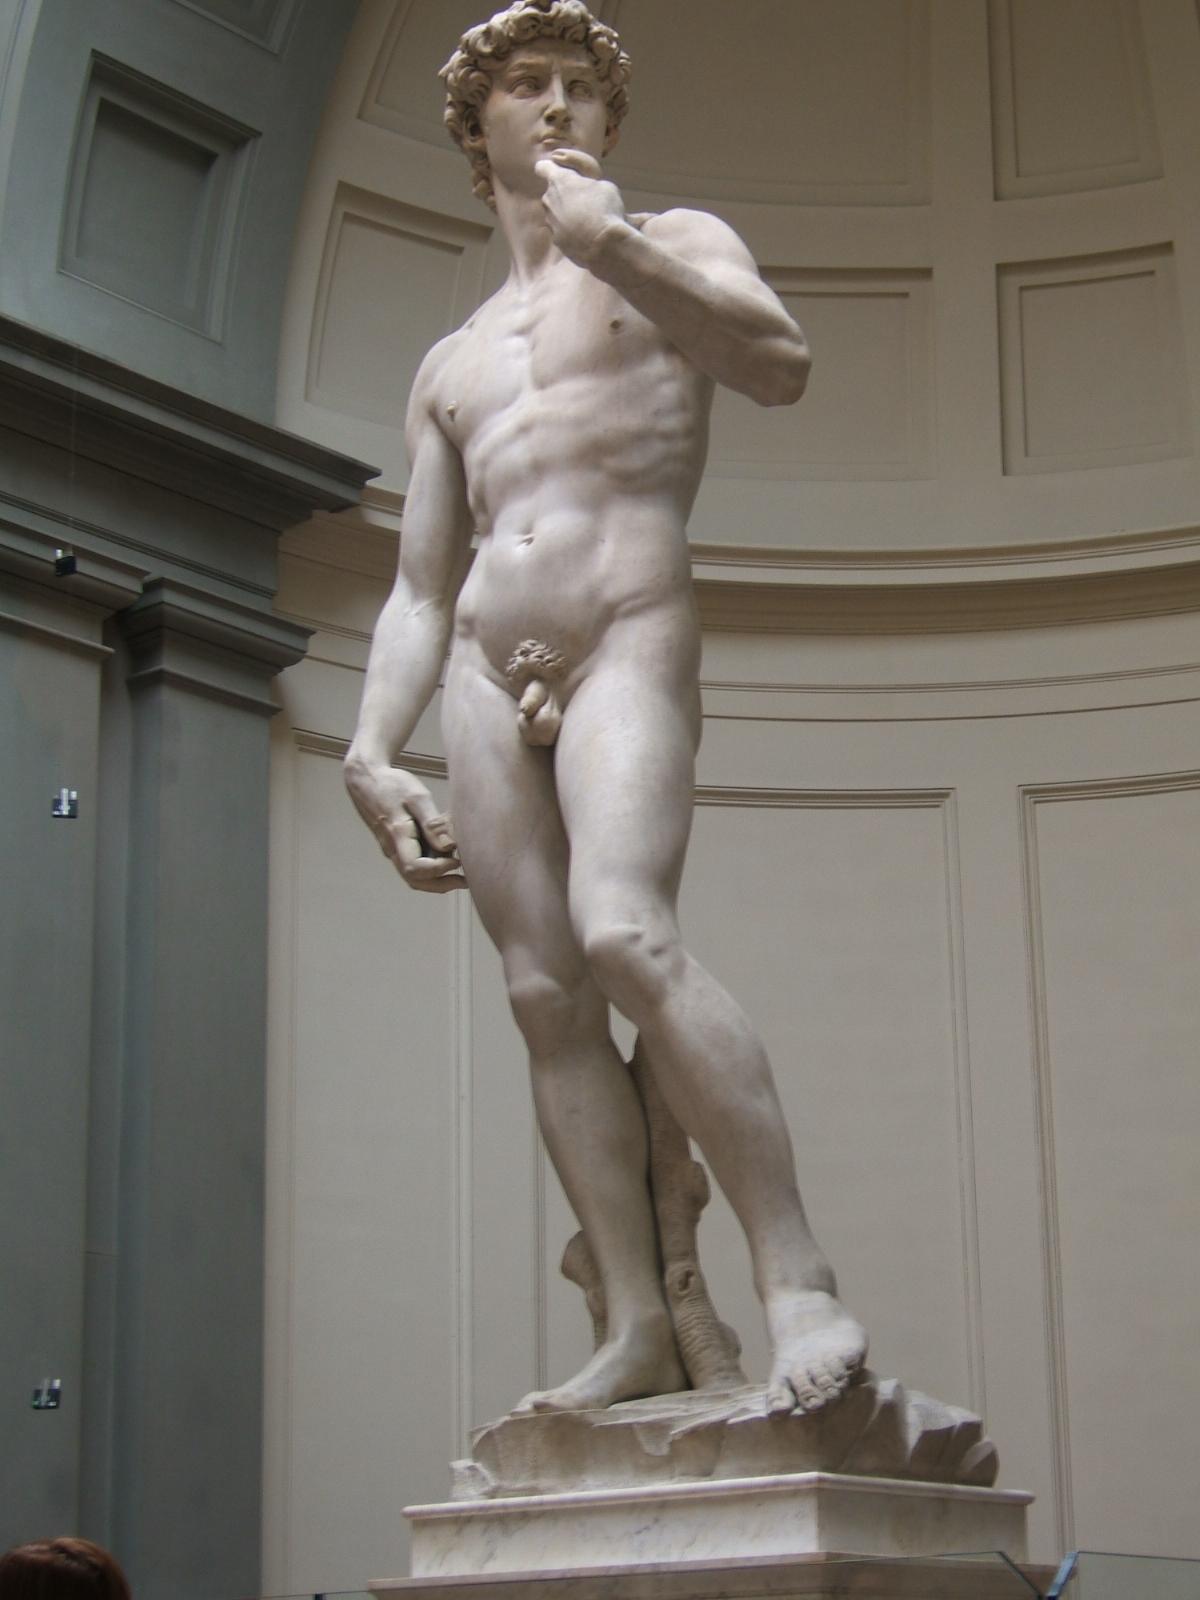 TIPO DE OBRA: Escultura.   TÍTULO: ELDavid.   LOCALIZACIÓN: Galería de la Academia. Florencia (Italia). Hasta 1947 la escultura estuvo situada en la Plaza de la Señoría de la misma ciudad, donde ahora puede contemplarse una copia.   AUTOR: Miguel Ángel Buonarroti (1475-1564).   FECHA: 1501-1504   ESTILO : Renacimiento italiano. Cinquecento. Escultura.